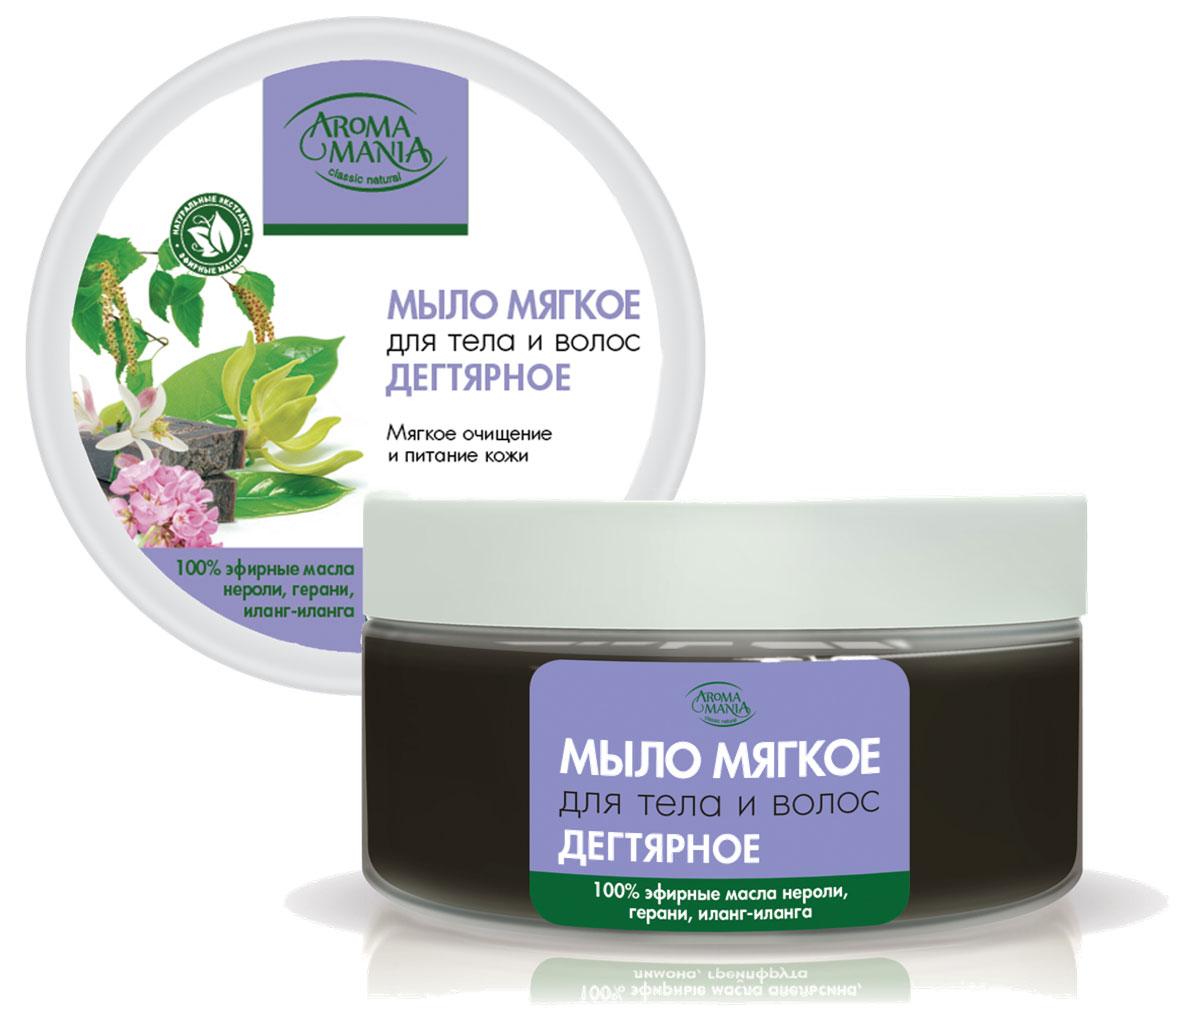 Лекус Аромамания Мыло мягкое для тела и волос дегтярное, 250 мл5010777139655Дегтярное мыло обладает уникальными антисептическими свойствми